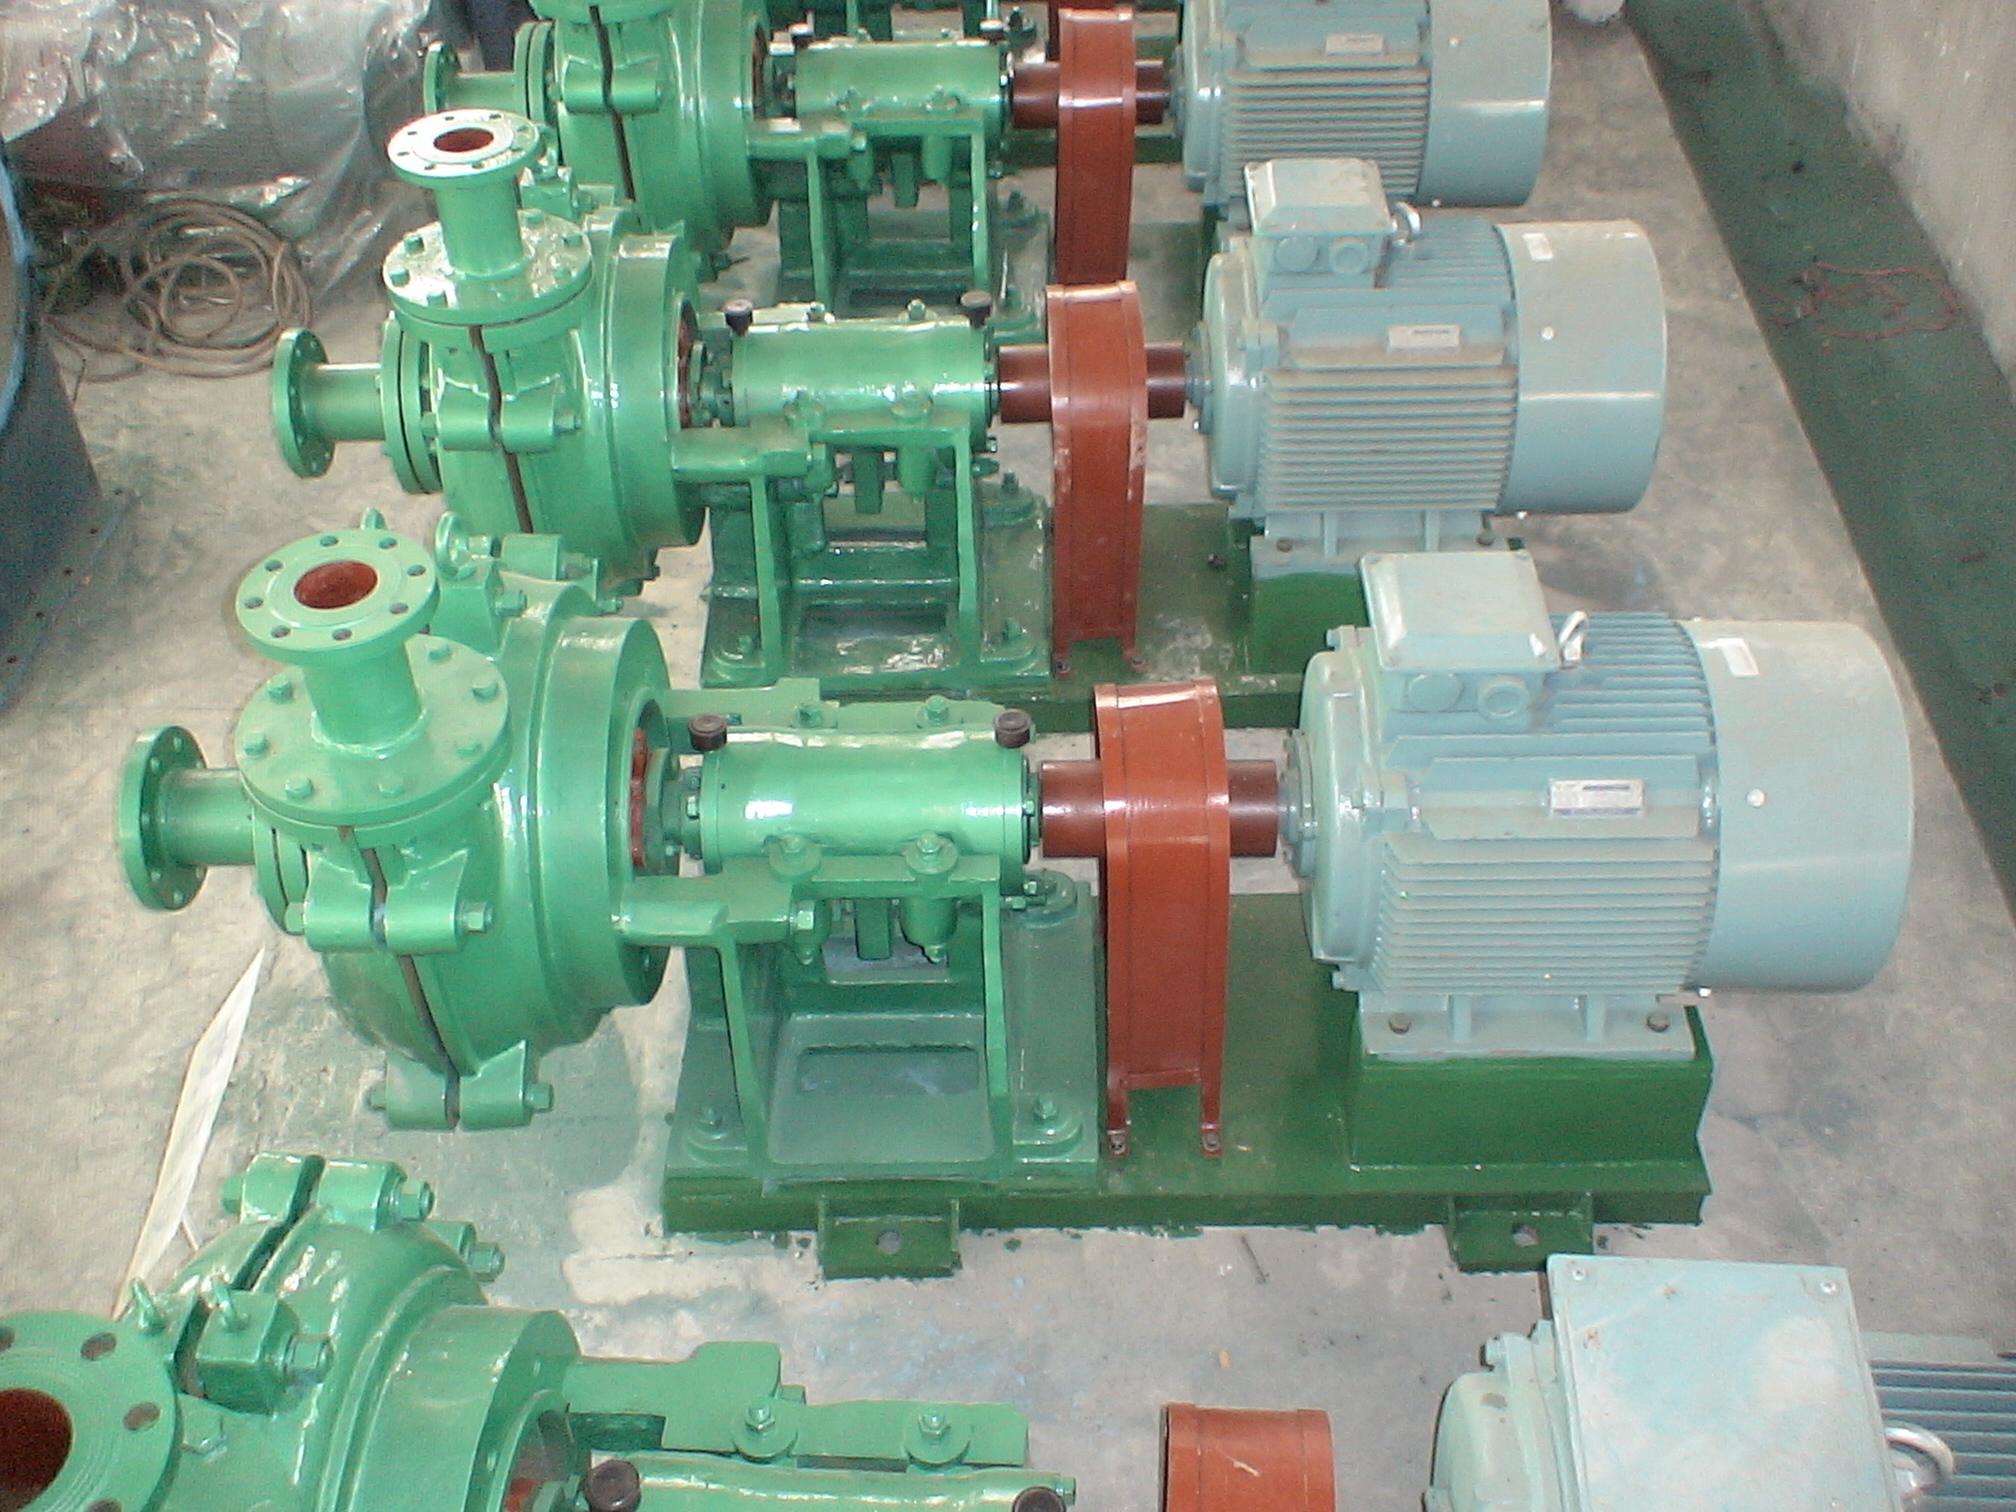 瑞特渣浆泵_热水渣浆泵_是怎么回事_百度知道